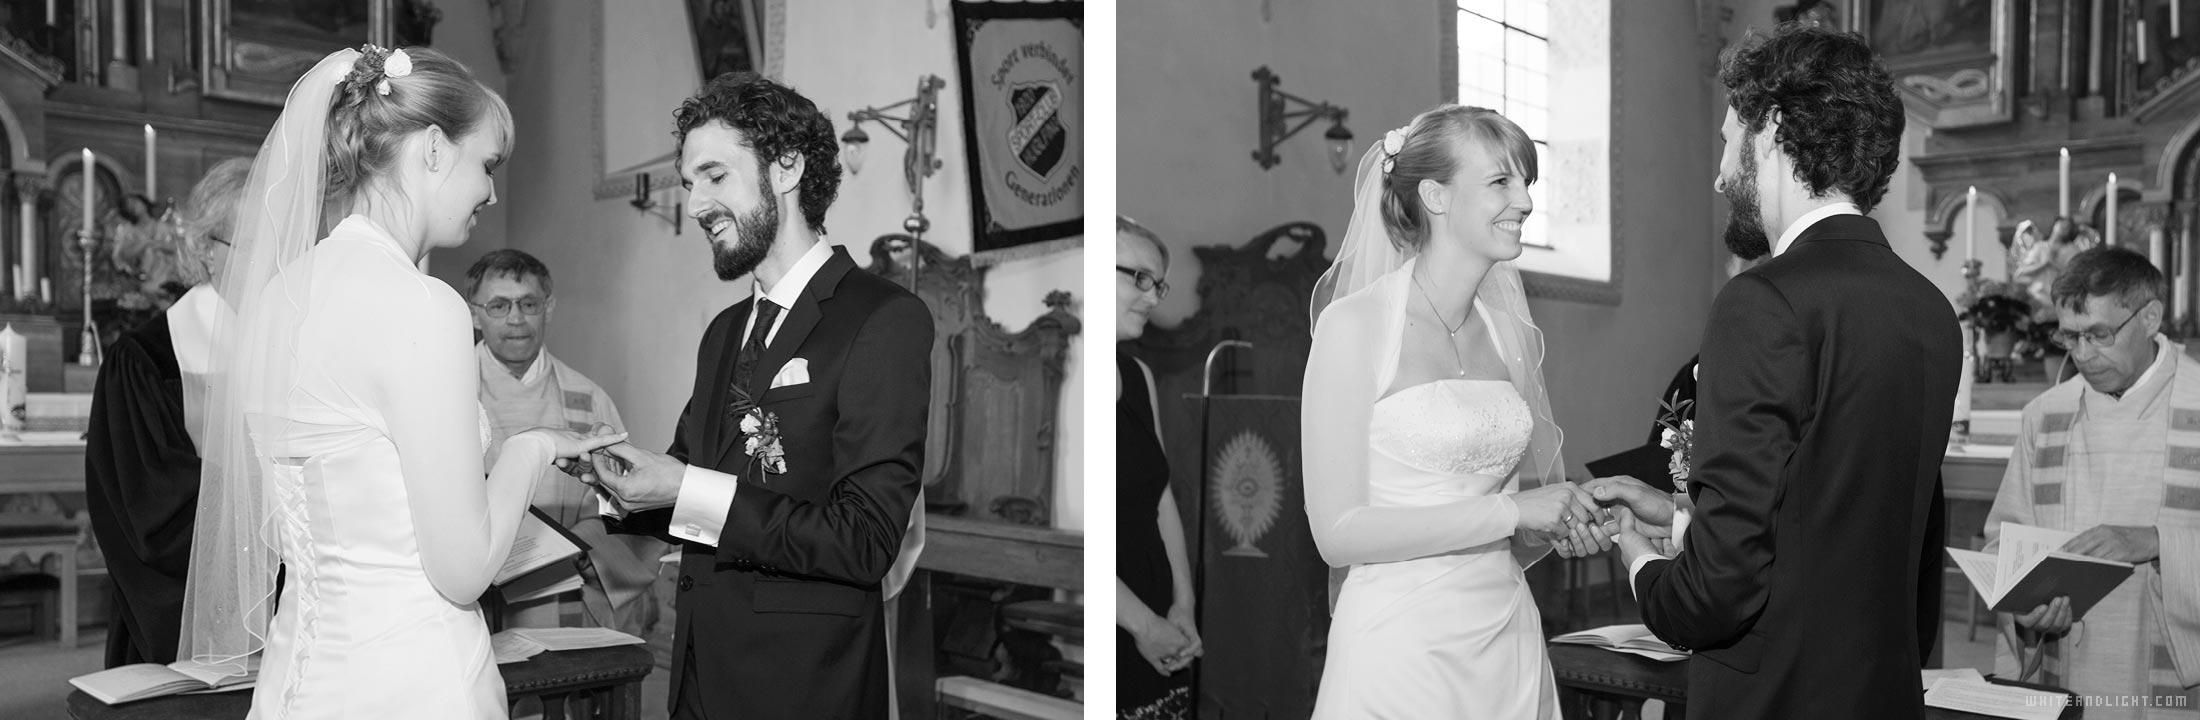 свадебный фотограф услуги